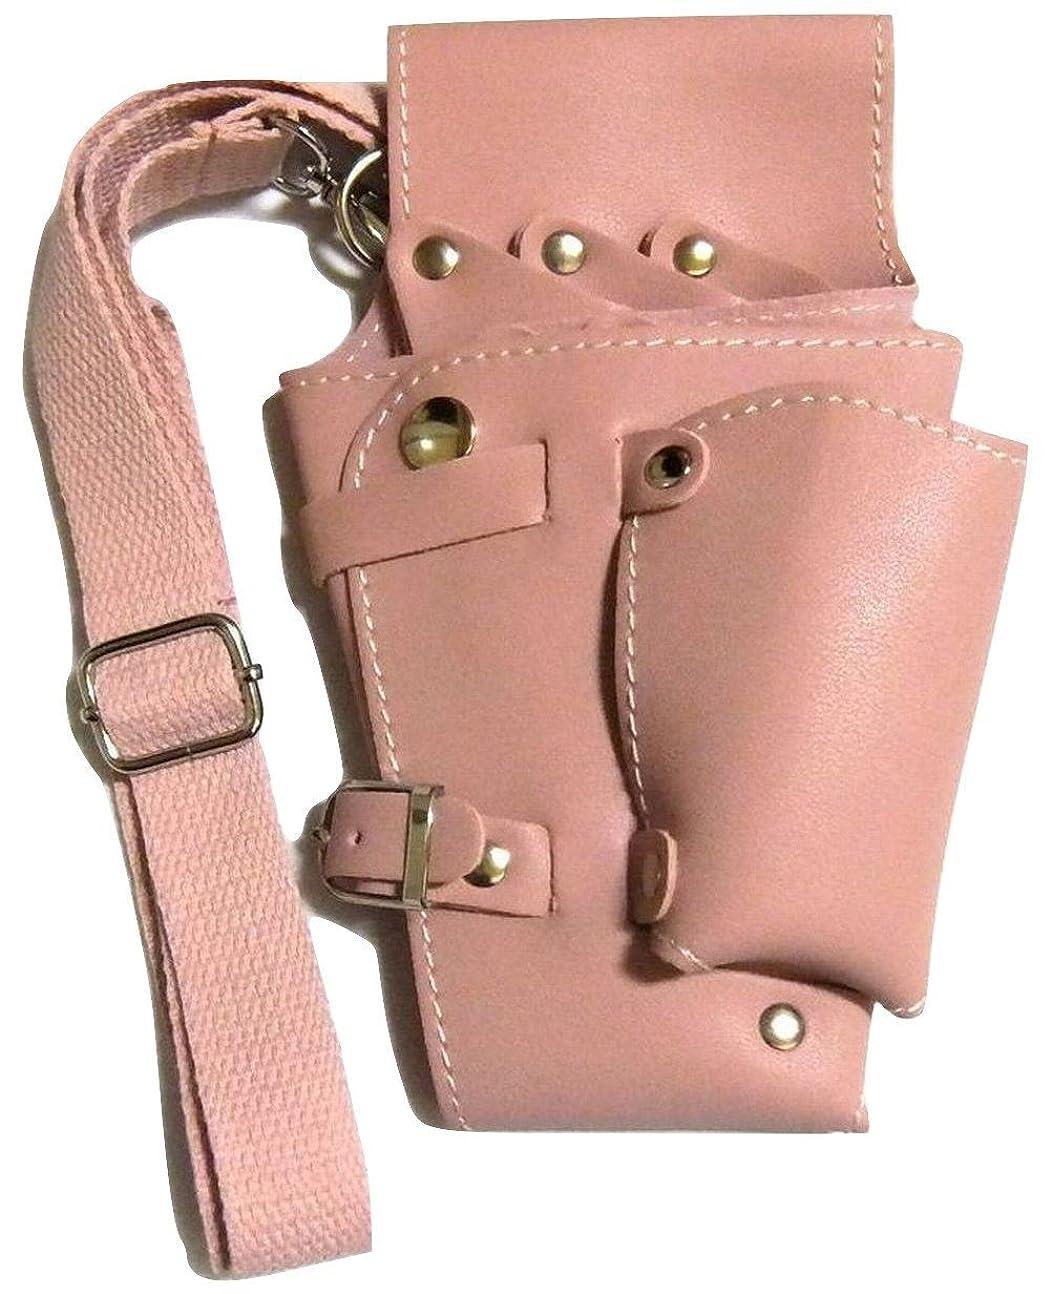 征服する上に対立グッドライフEXPRESS シザーケース バック 5丁 ピンク 美容師プロ専用 トリマー GL442 GLEブランドパッケージ品